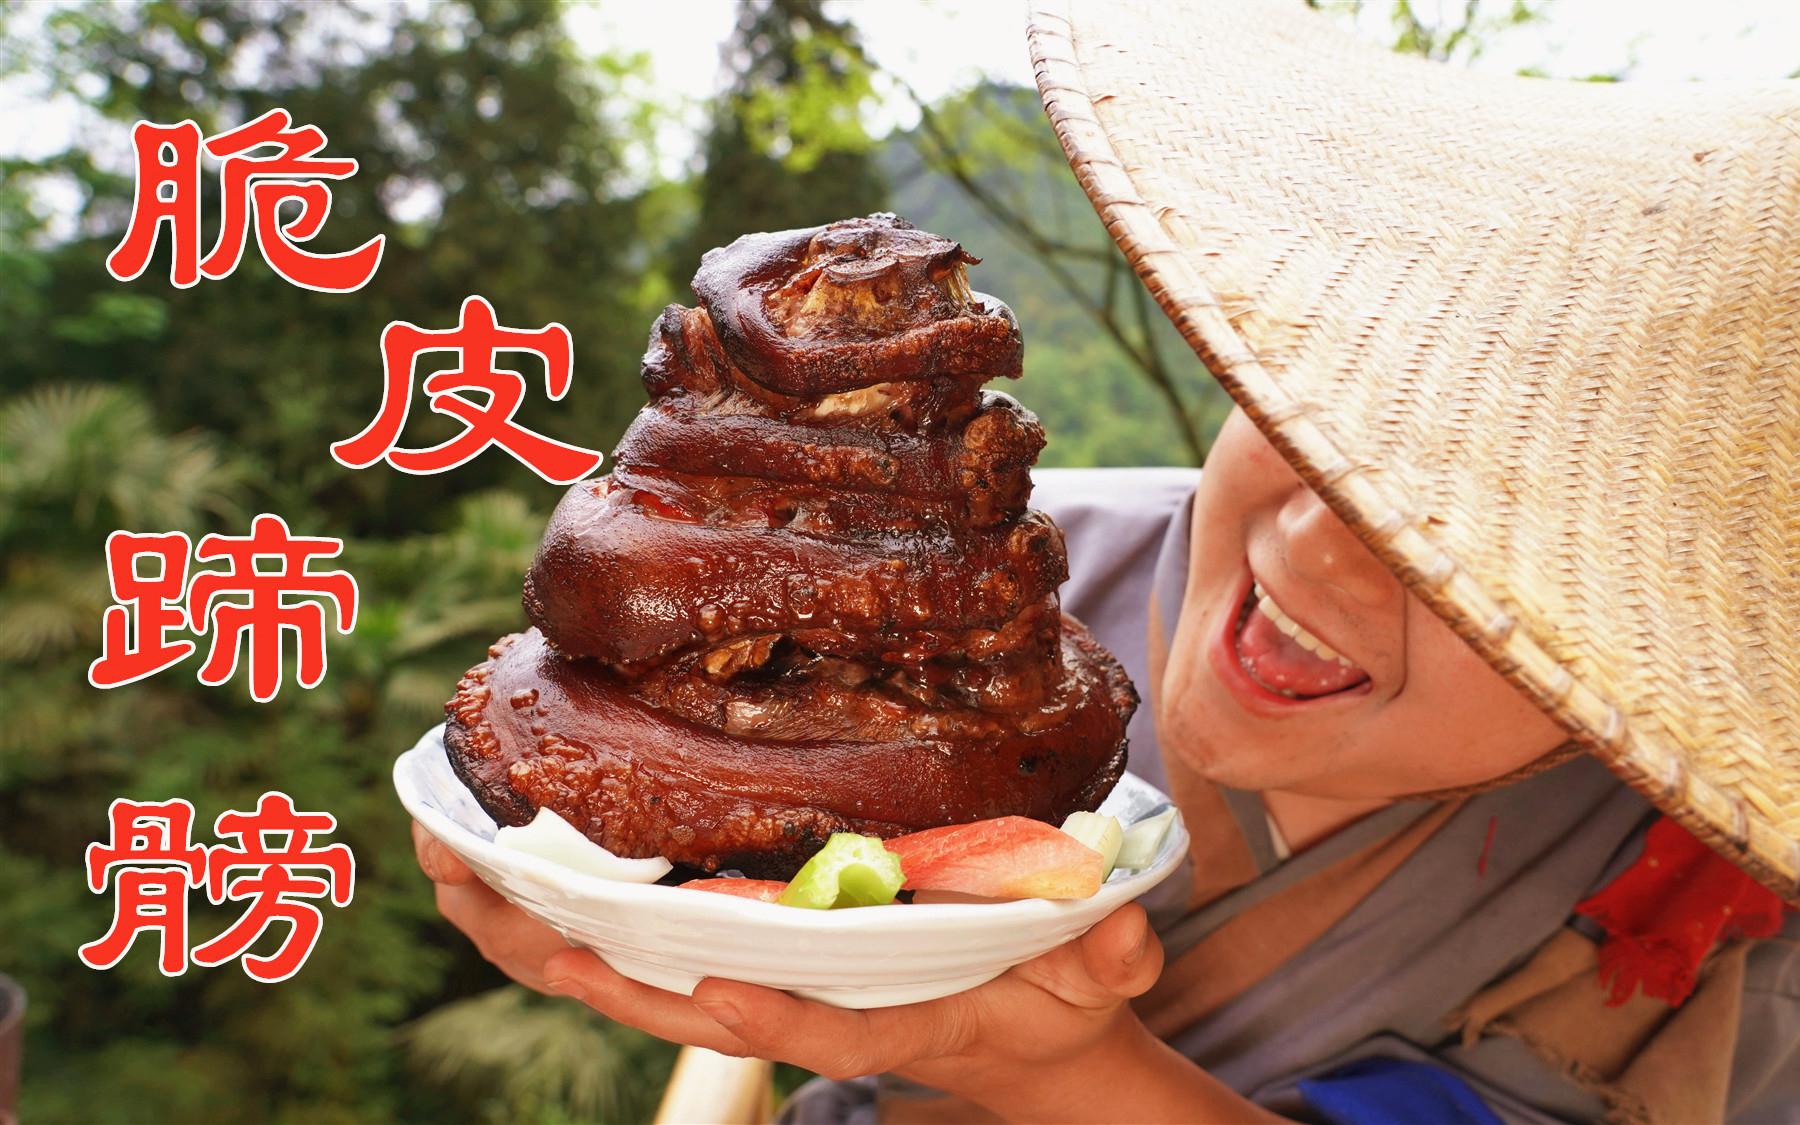 小伙秘制黄金脆皮蹄髈,4斤蹄髈放自制土窑一烤,皮酥肉嫩,香!